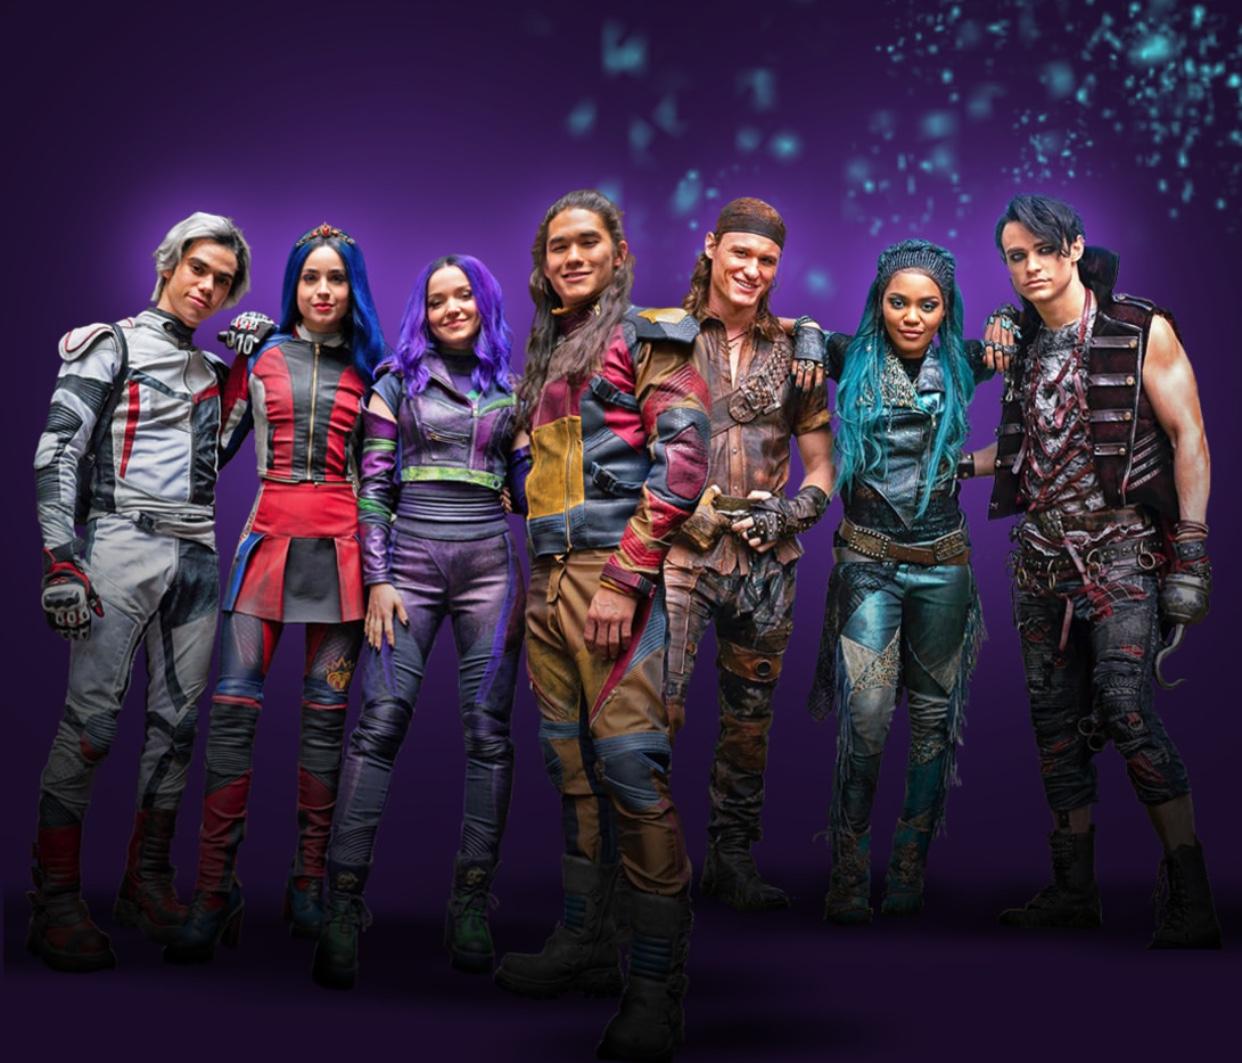 Descendants 3 - all new character images revealed - HeyUGuys